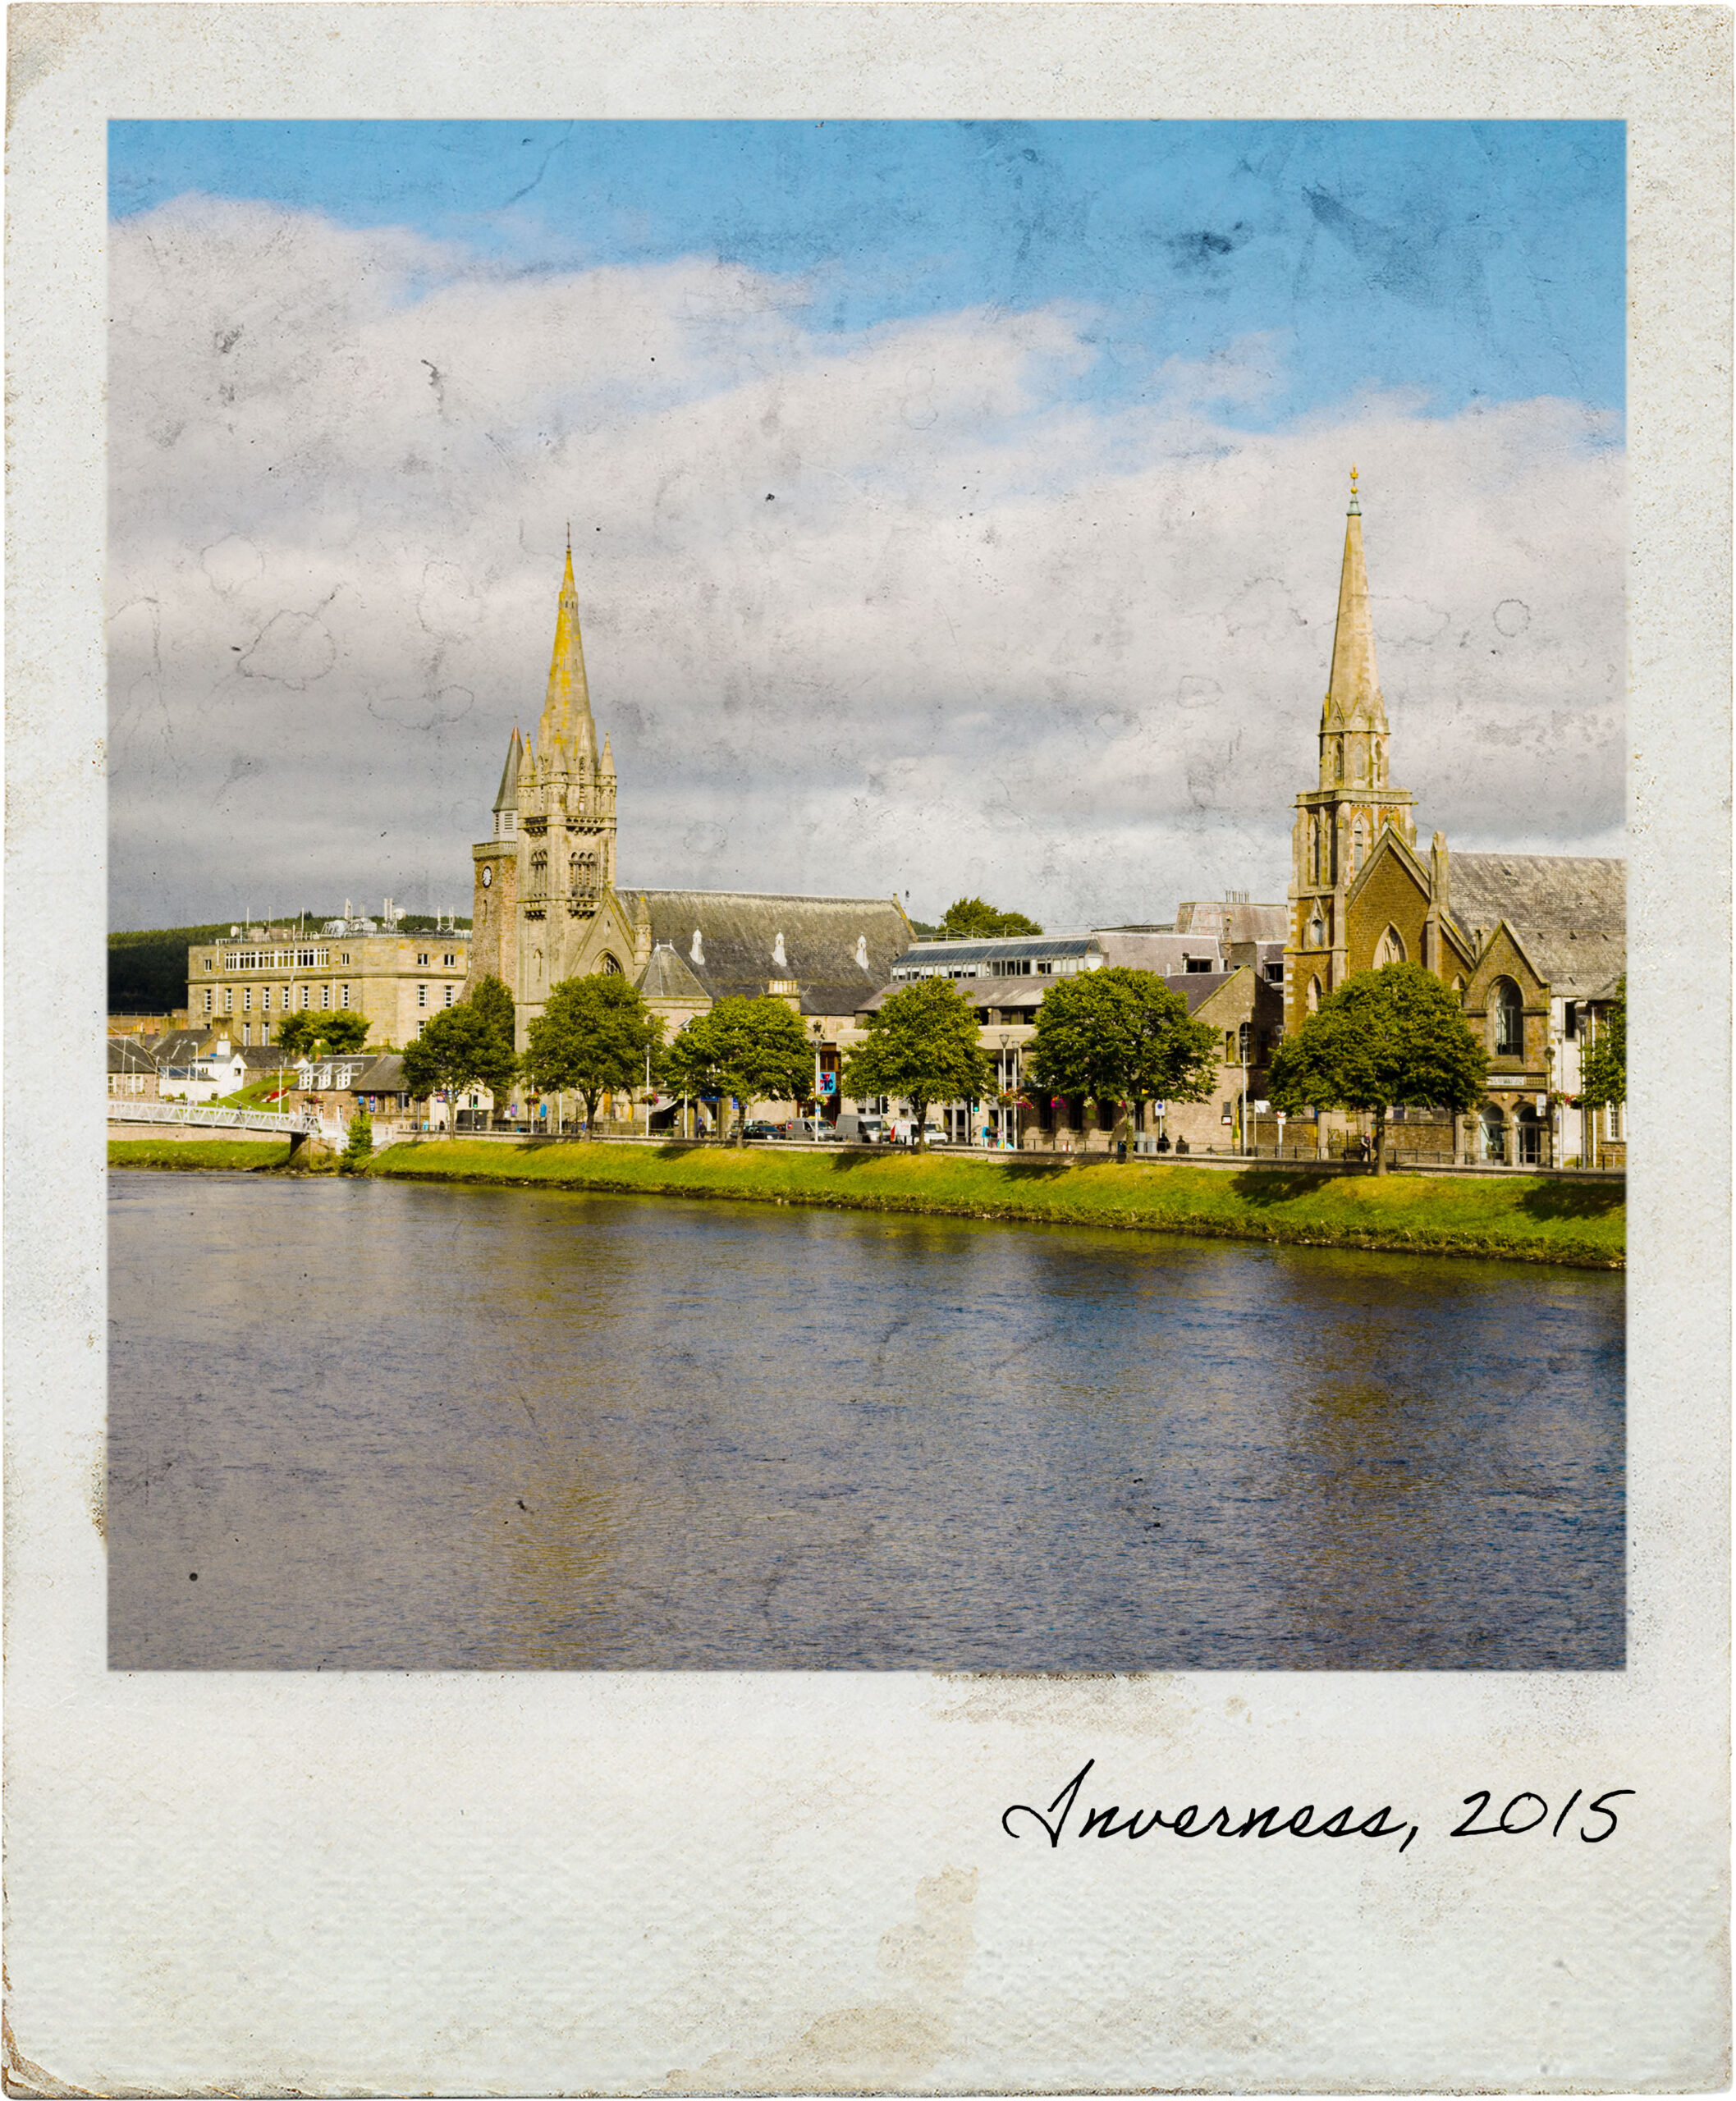 Marginal de Inverness junto ao rio Ness